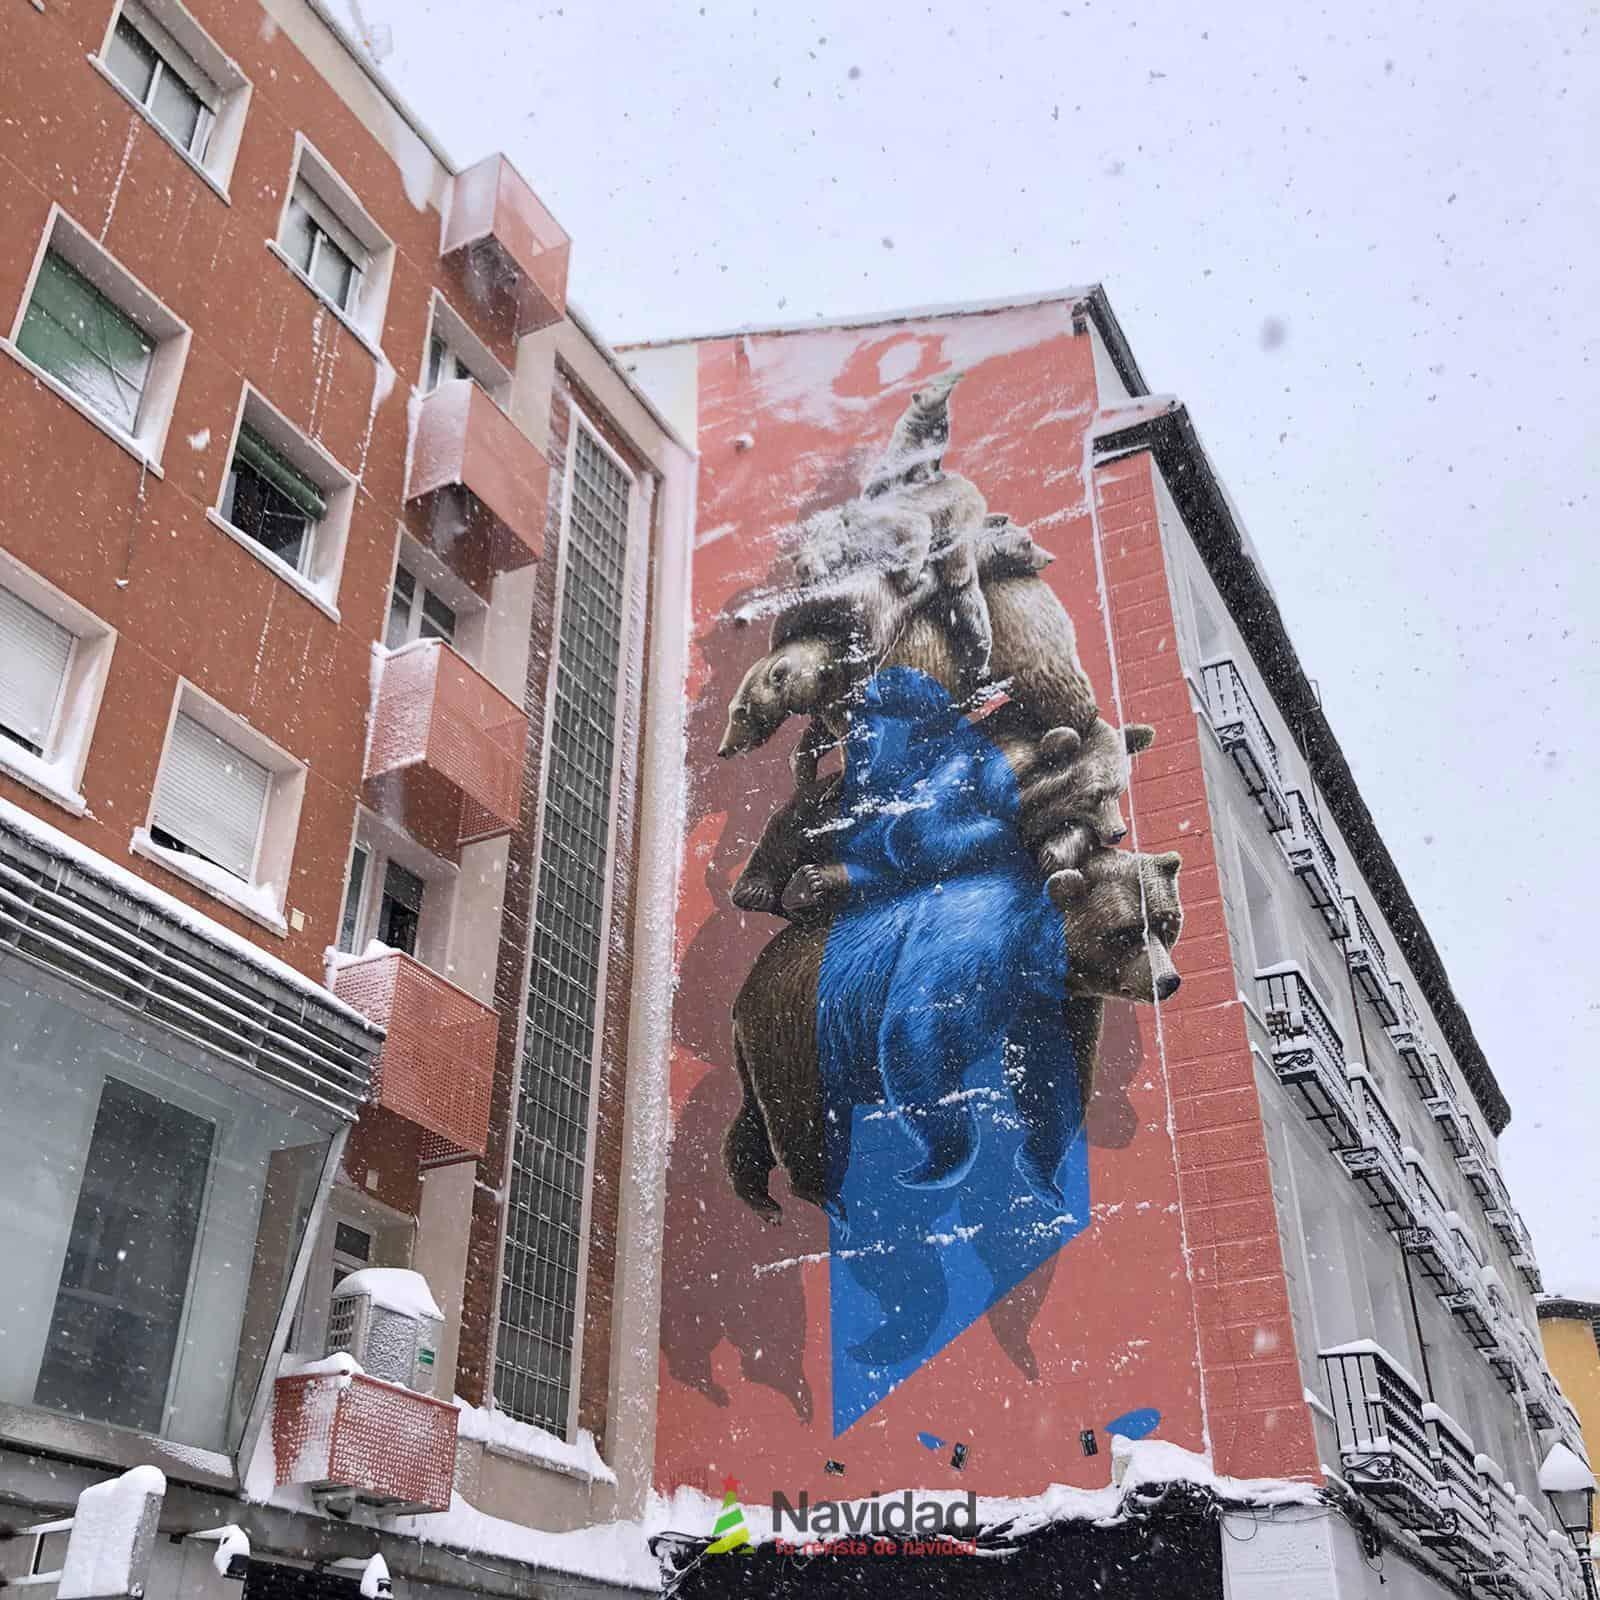 Fotografías de la nevada de enero en Madrid (España) 190